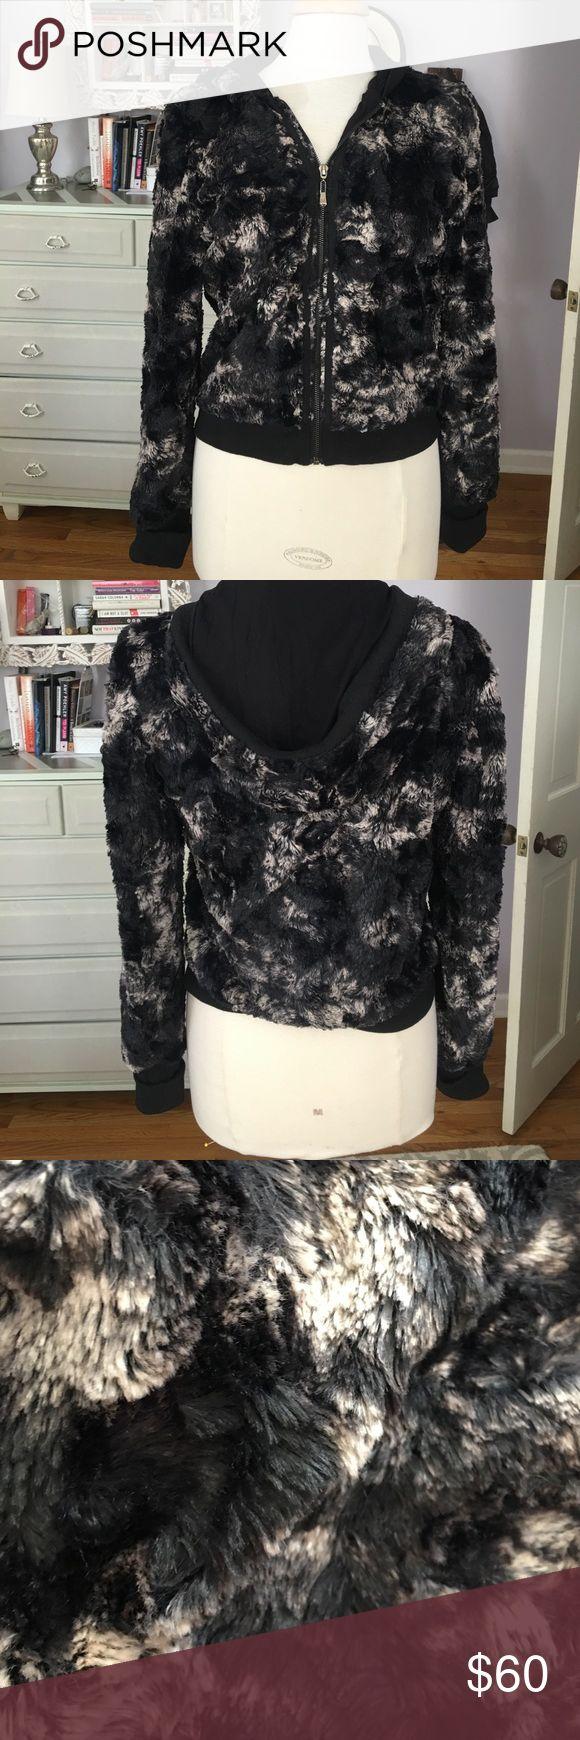 Alberto Makali faux fur hoodie Faux fur hoodie. Black and grey. Great with skinny jeans or joggers. So cozy and warm. Alberto Makali Tops Sweatshirts & Hoodies